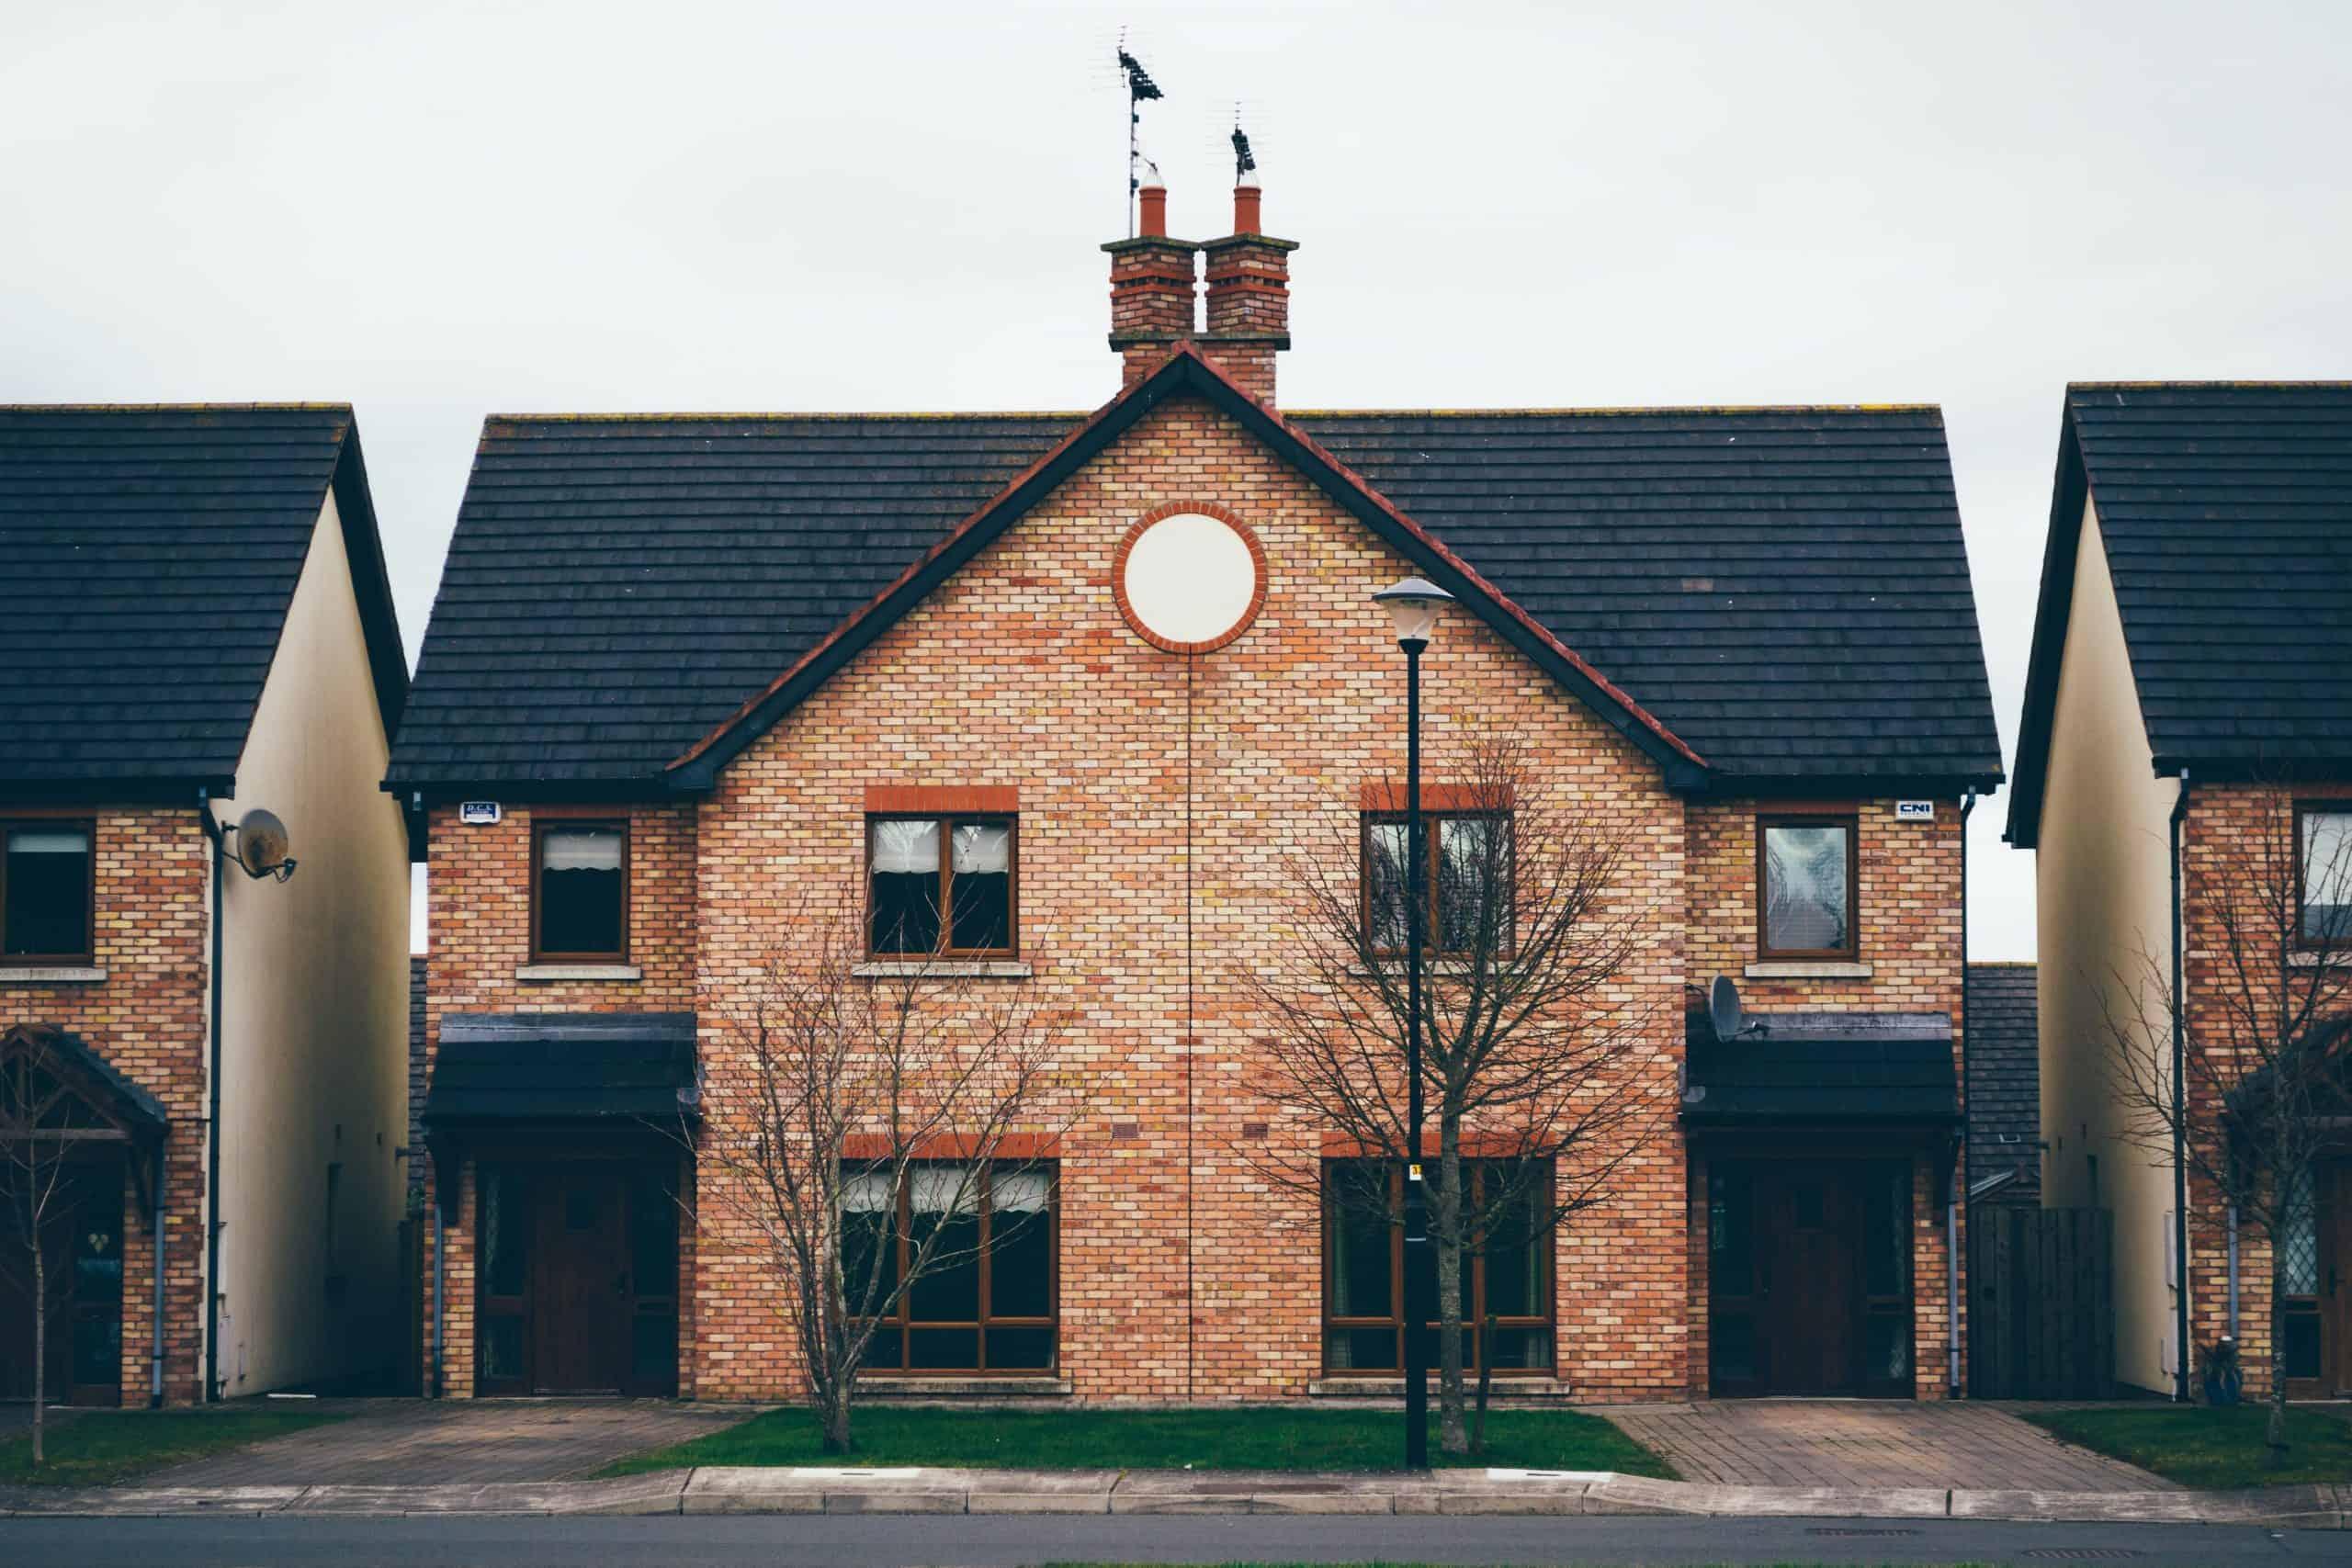 Liste von 3 Wohnimmobilieninvestoren aus Spanien